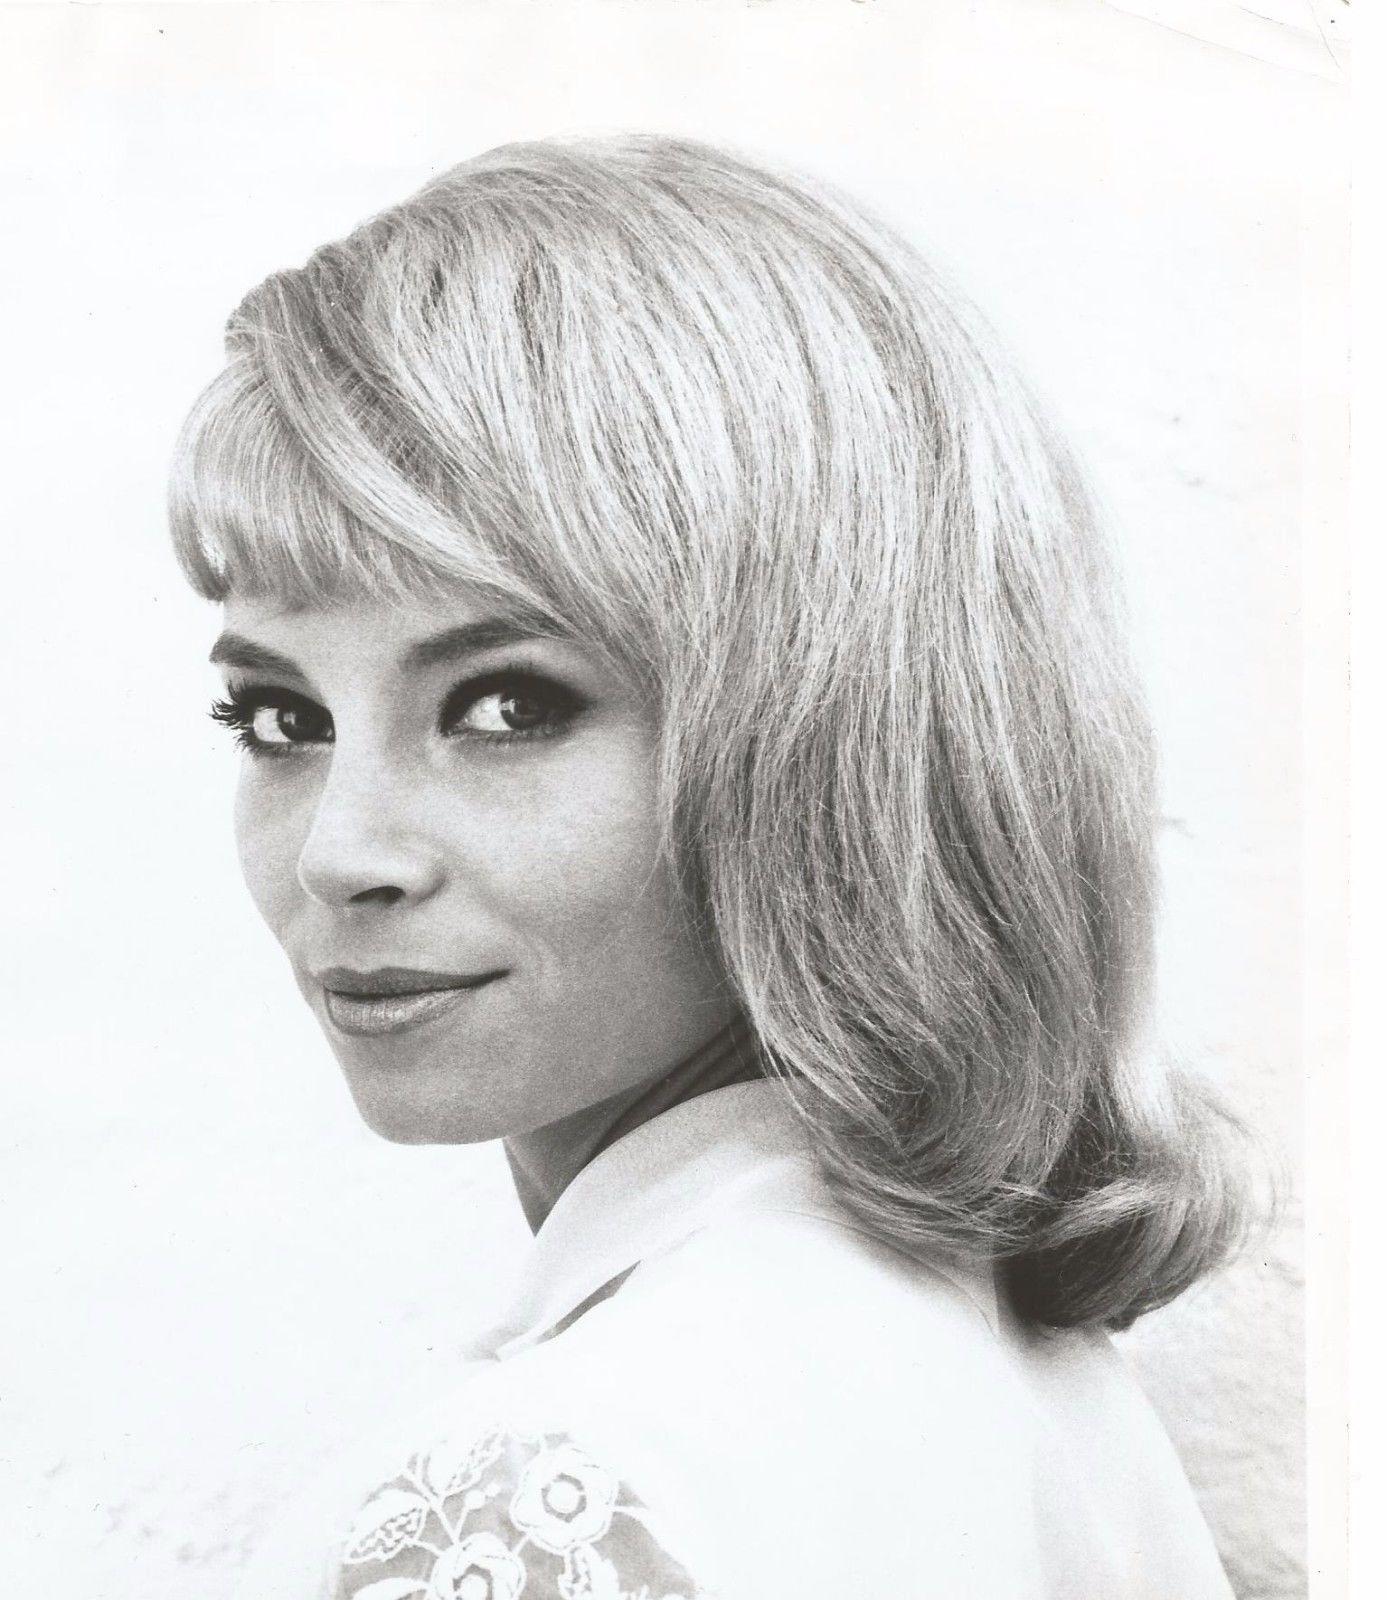 Patricia Harty (actress) Patricia Harty (actress) new photo